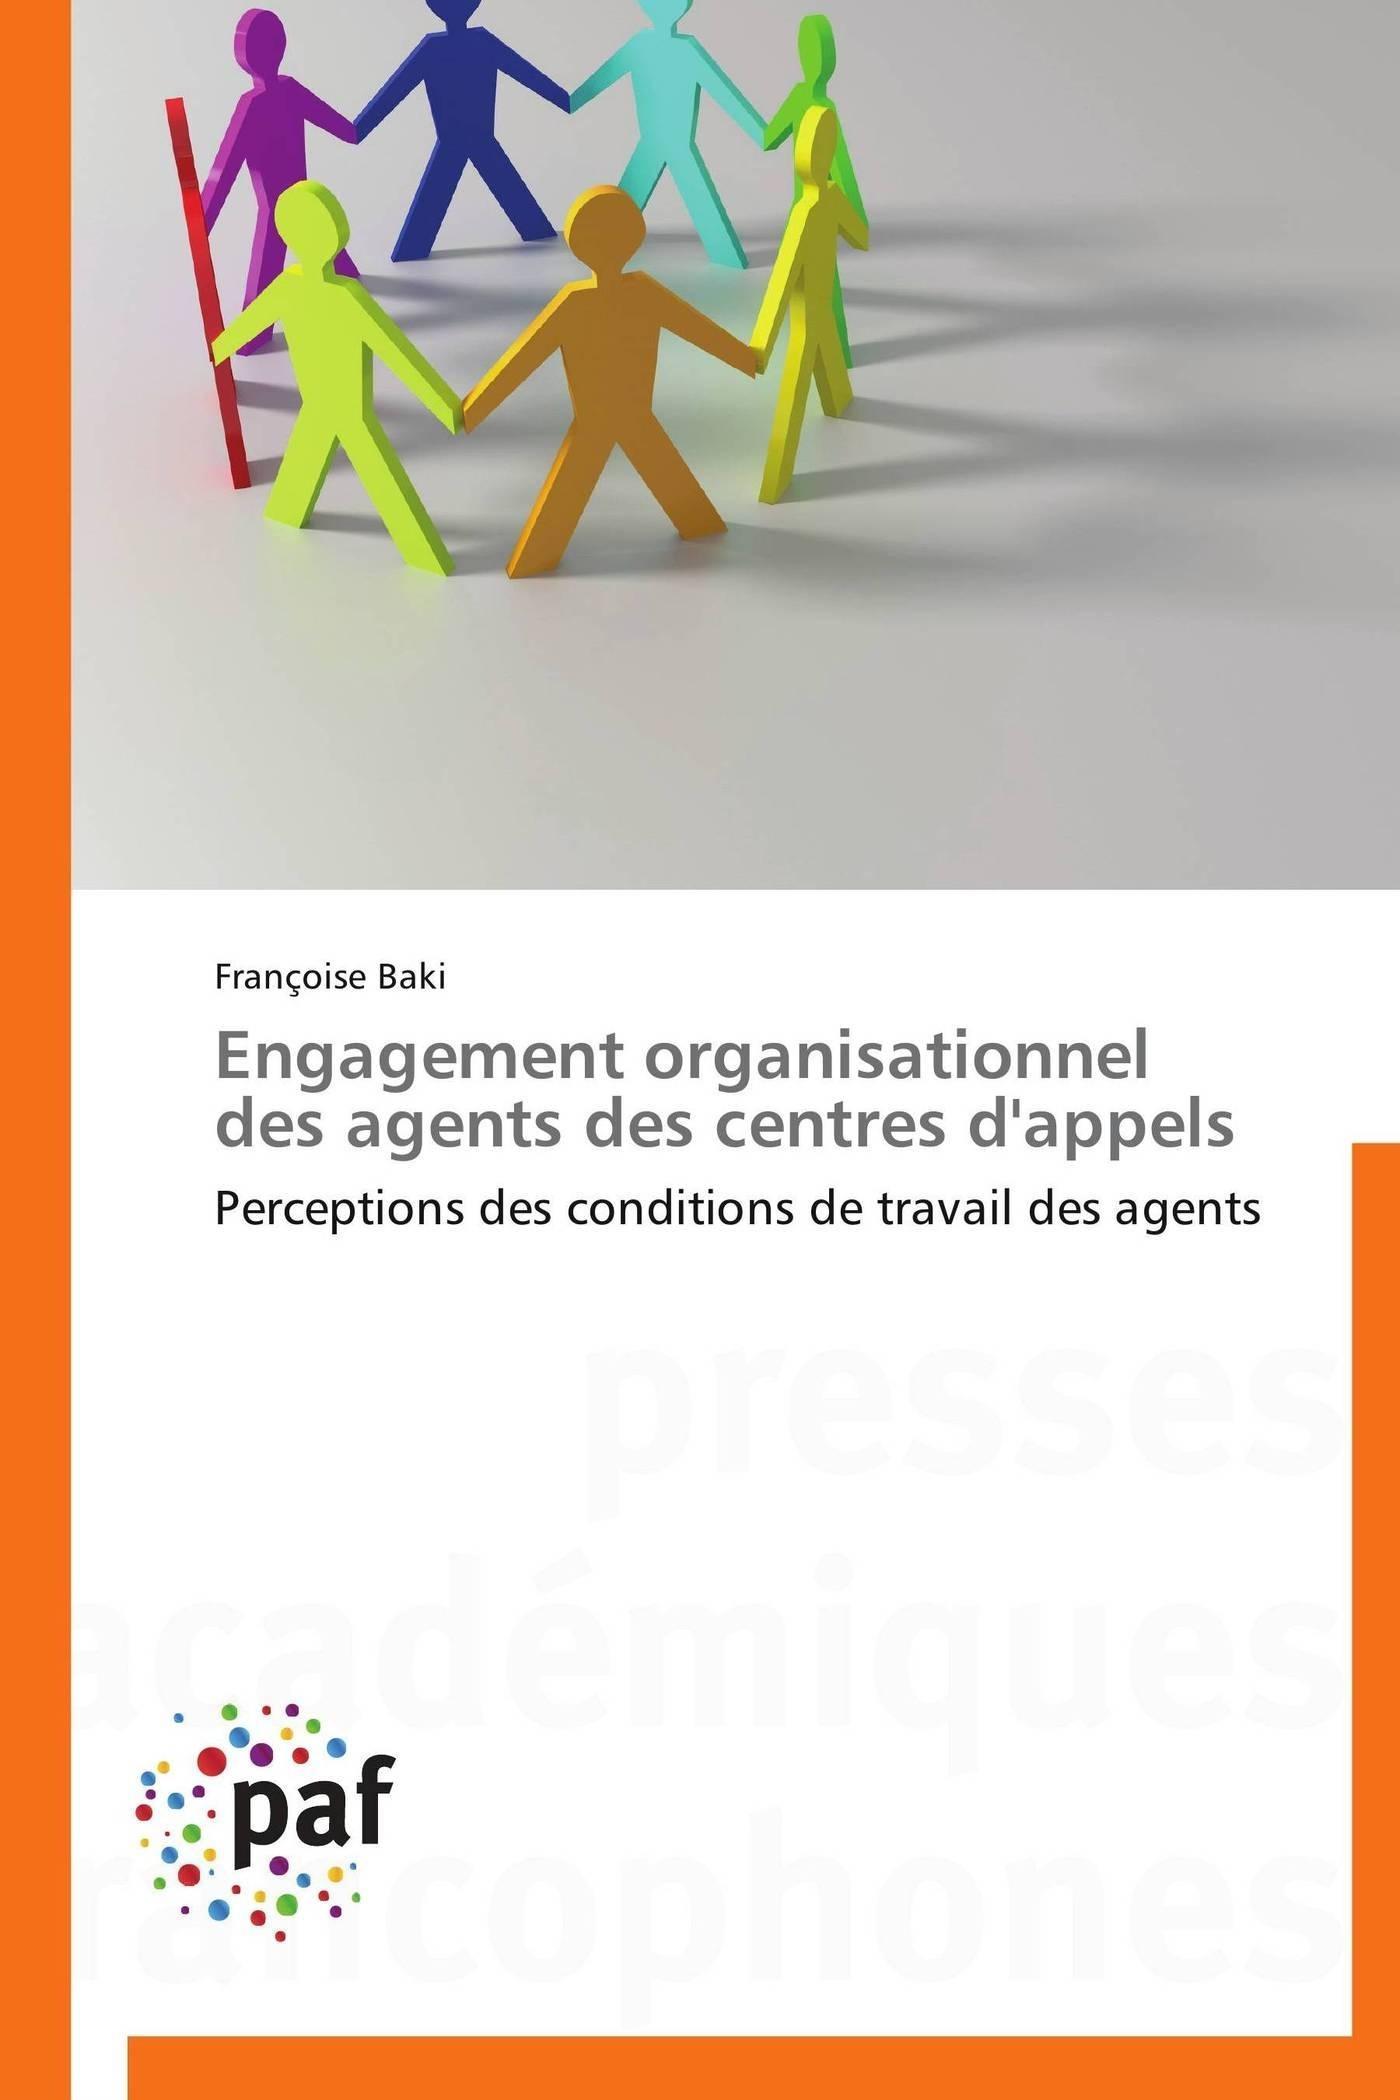 ENGAGEMENT ORGANISATIONNEL DES AGENTS DES CENTRES D'APPELS